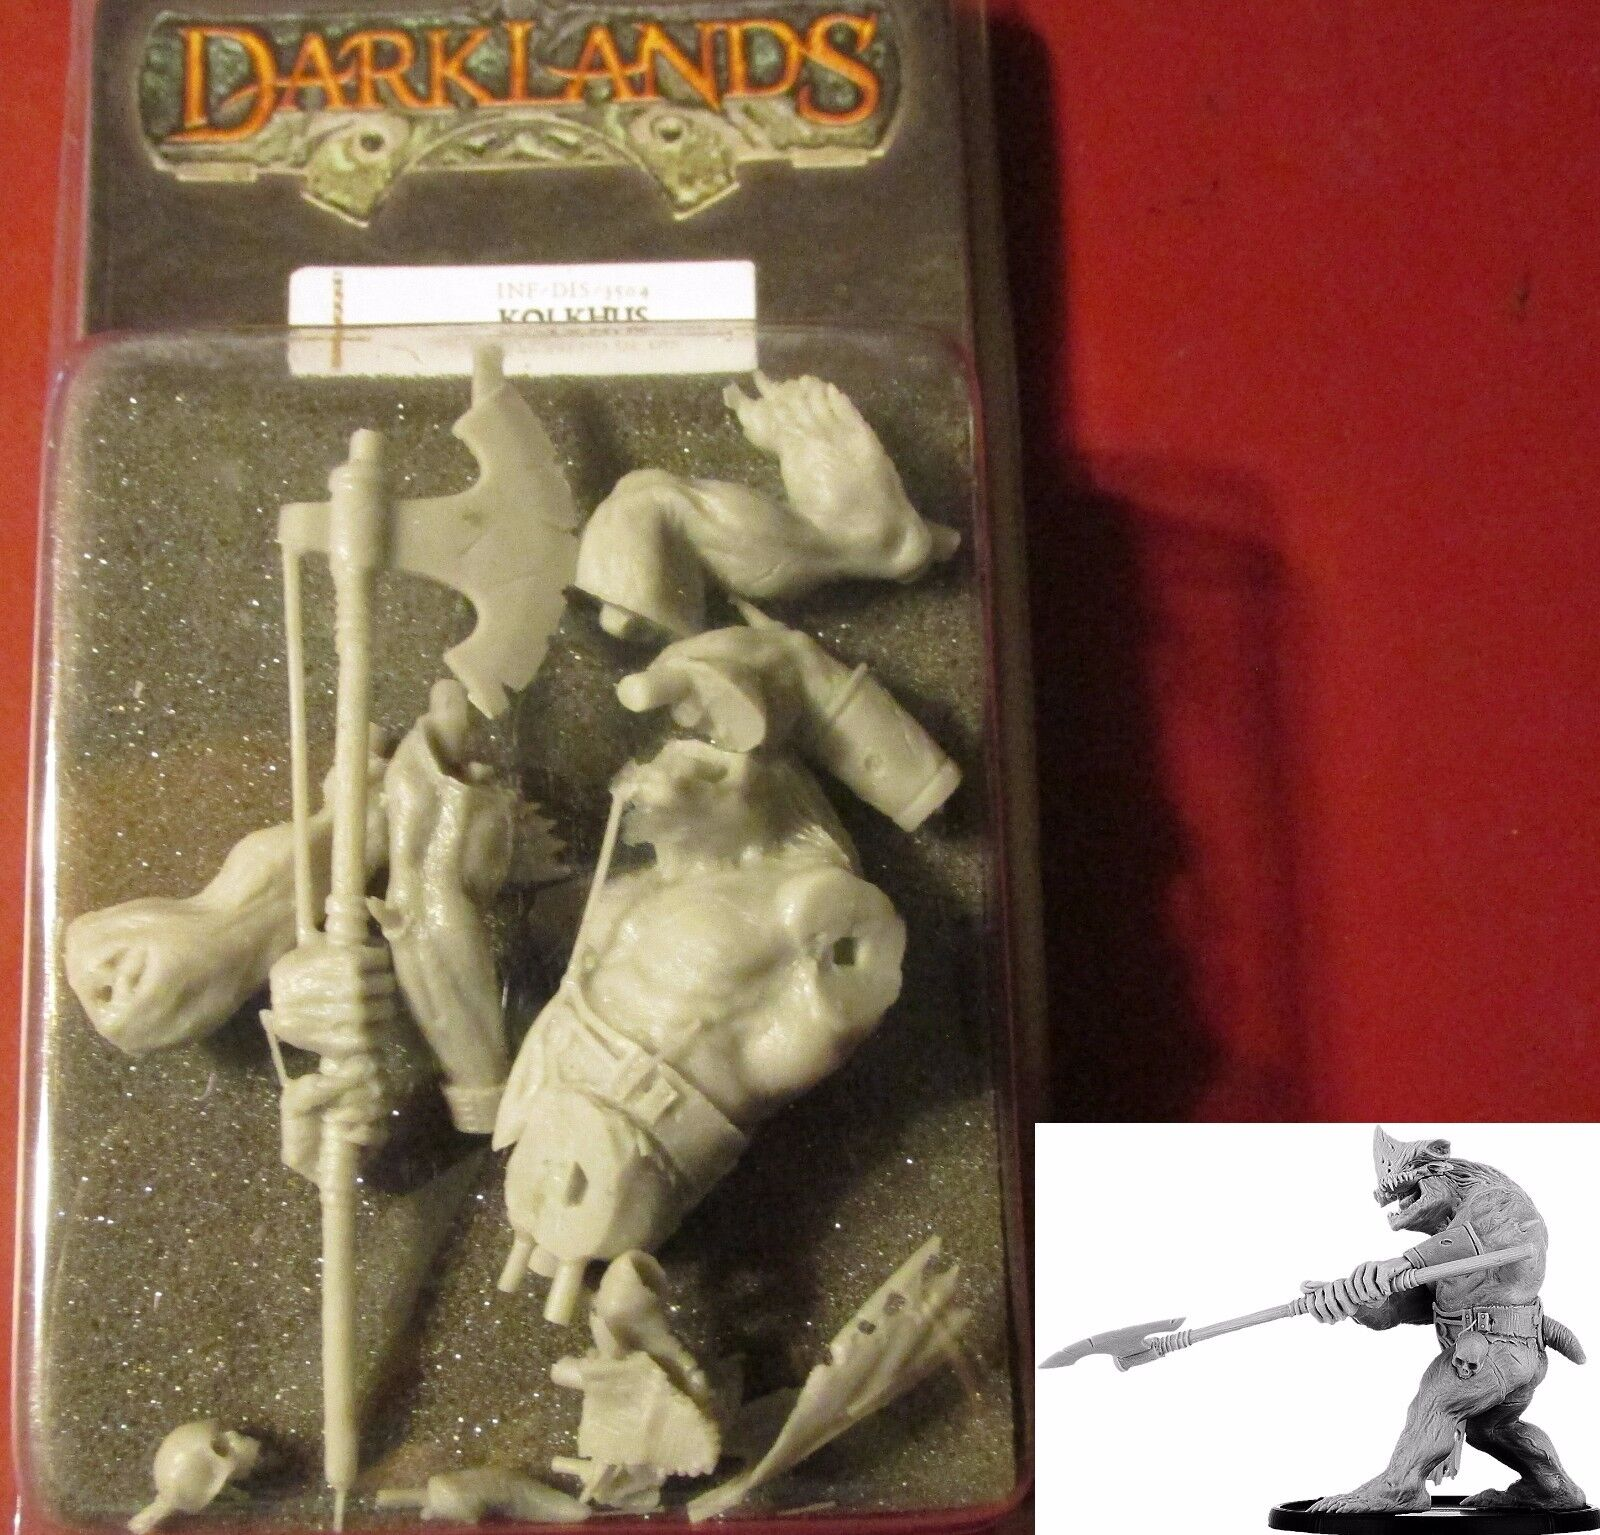 Darklands INF-DIS-3504 Kholkus Lowly Fiend of Dis (1) Miniature Demon Warrior